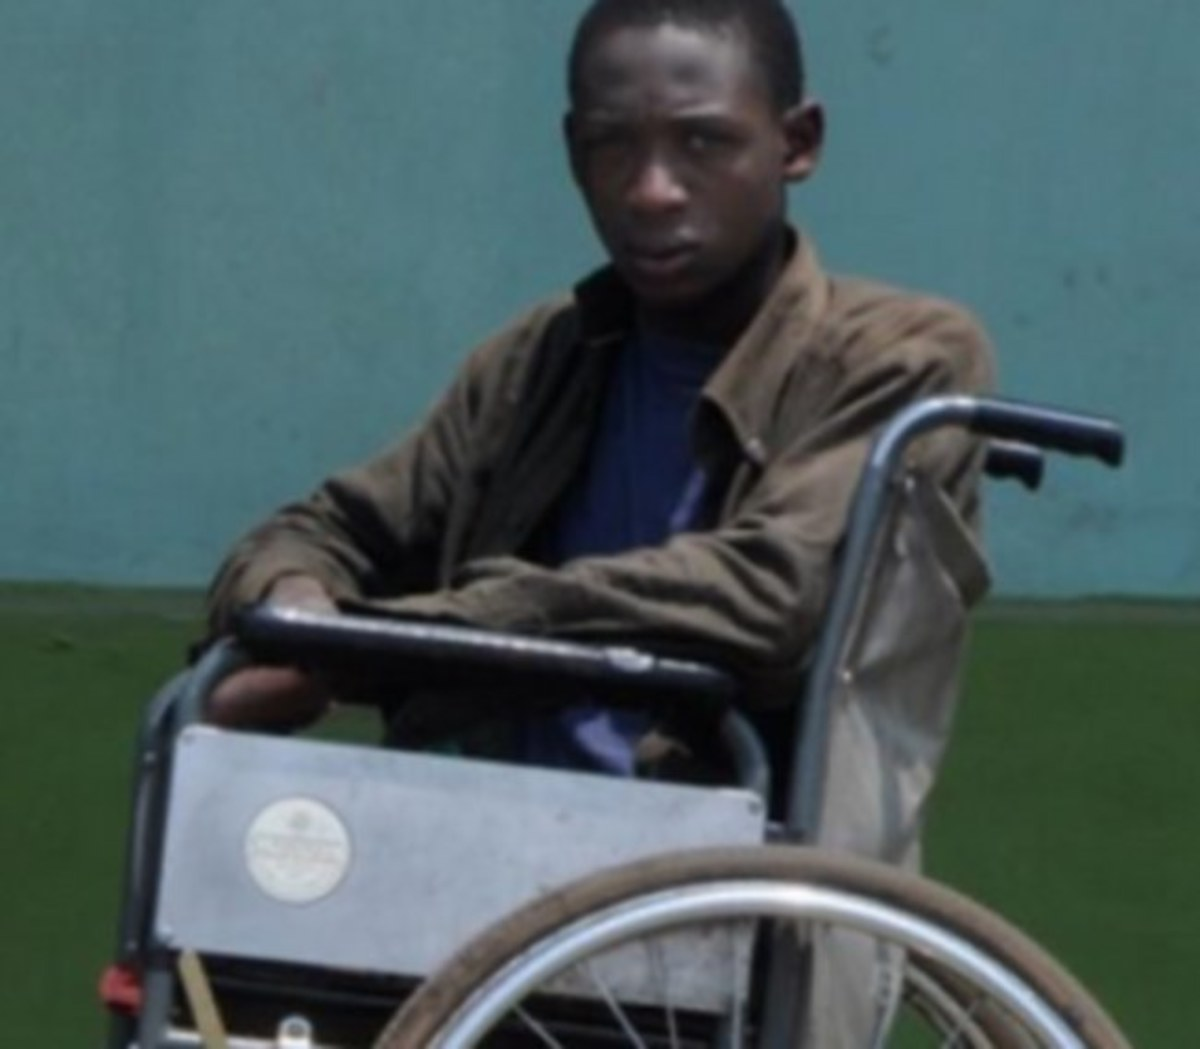 Πάτρα: Η συγκινητική ιστορία του 15χρονου που ακρωτηριάστηκε – Το μεγάλο όνειρο του παιδιού [pic]